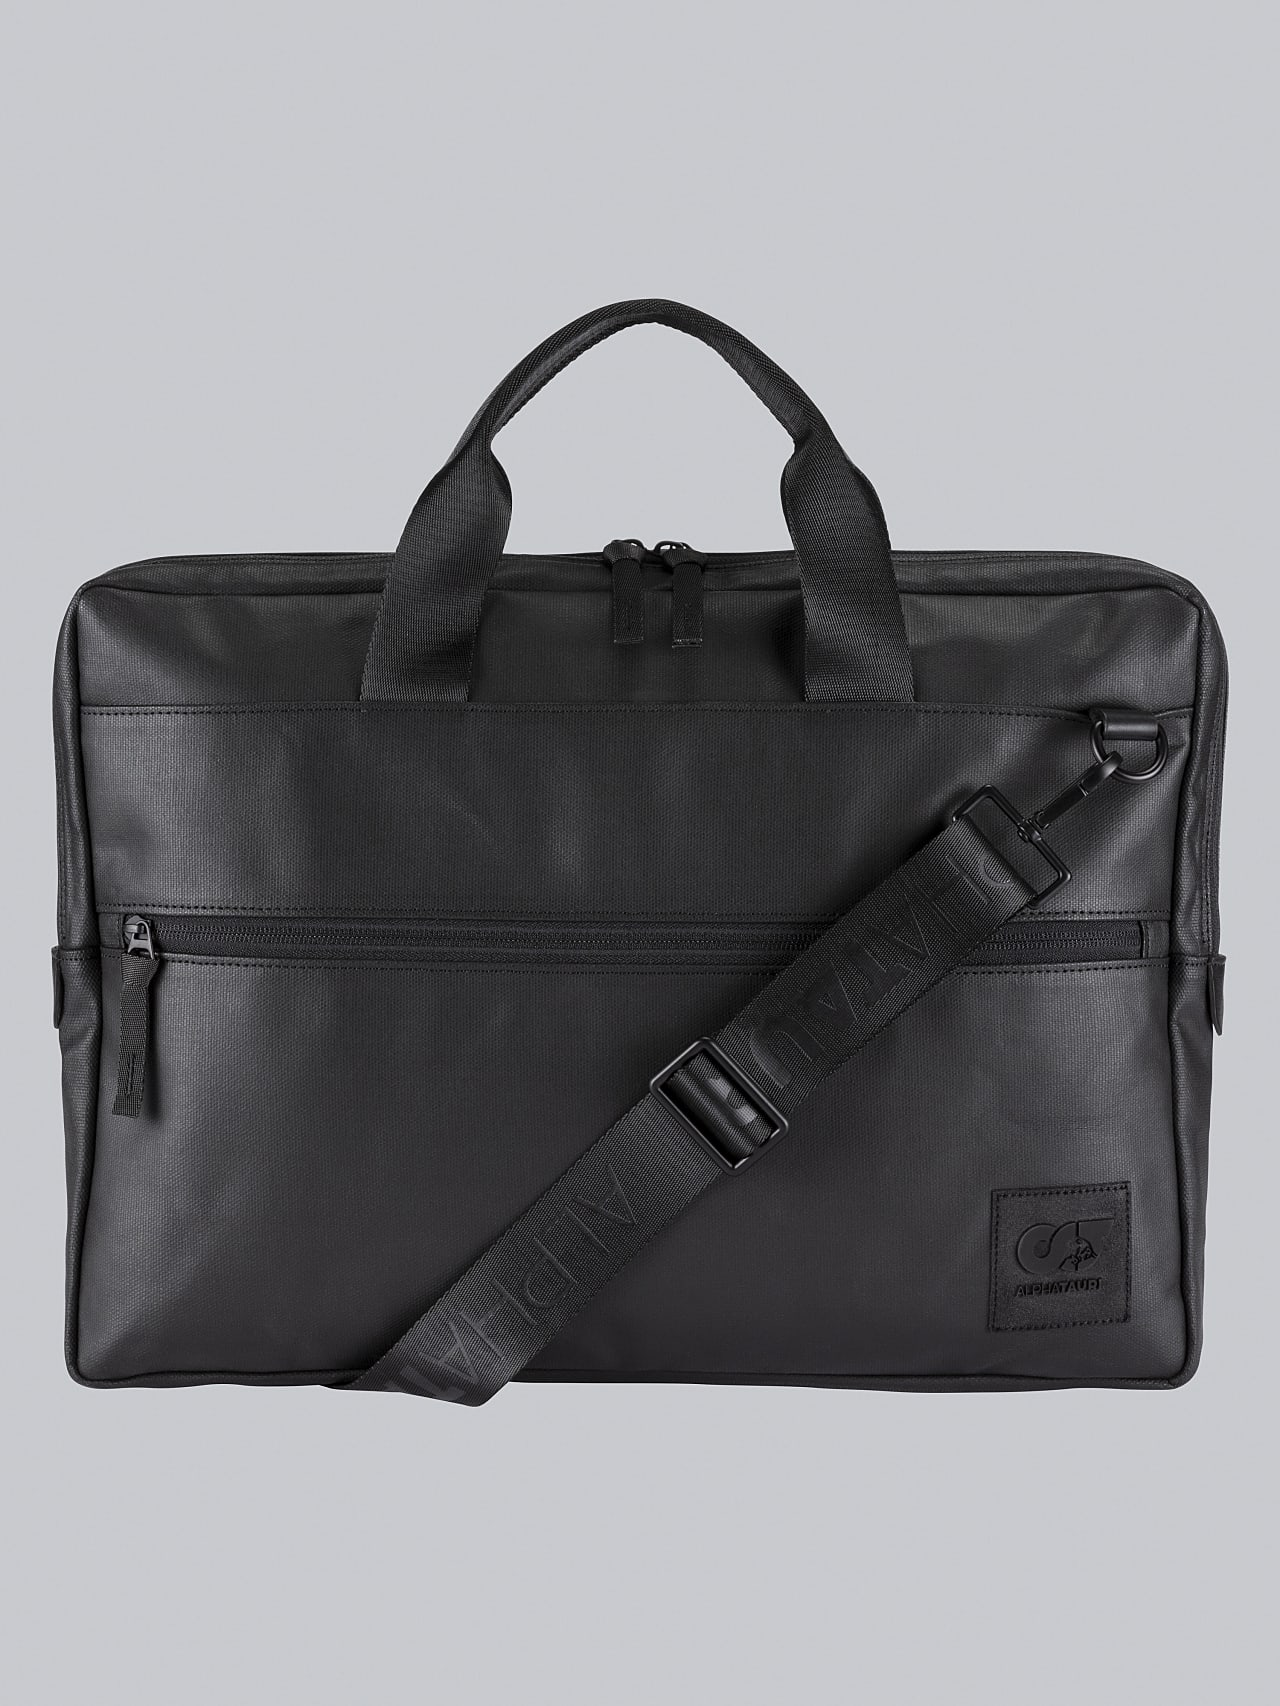 ABELO V1.Y5.02 Leather Laptop Bag dark grey / anthracite Back Alpha Tauri